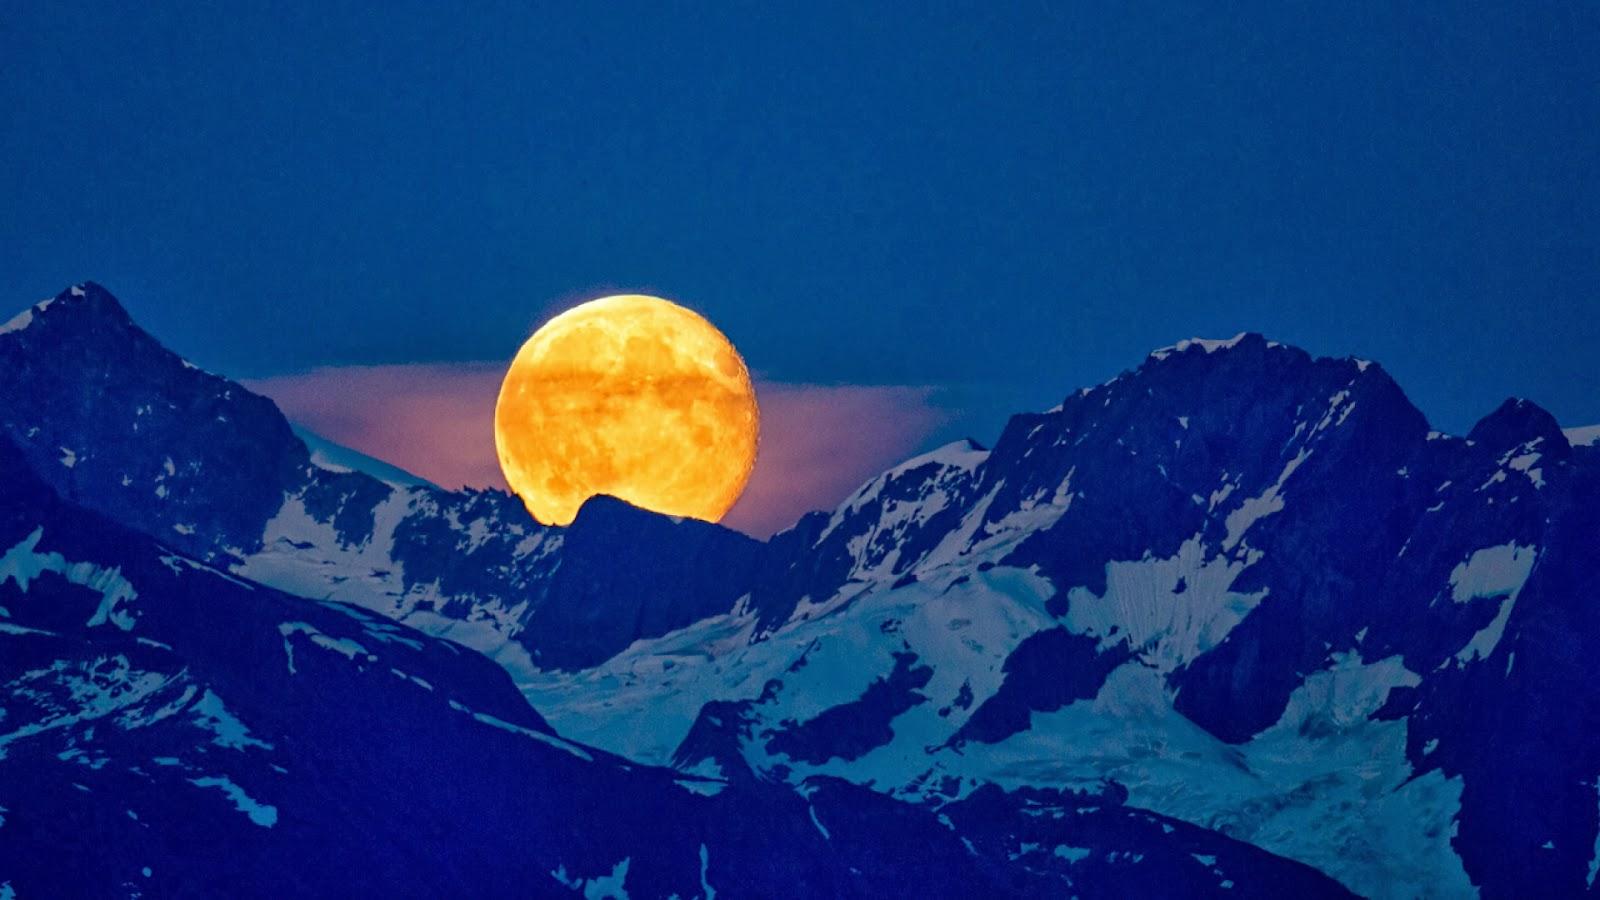 Fondo De Pantalla Paisaje Montañas Nevada: Imagenes Hilandy: Fondo De Pantalla Paisaje Luna Encima De